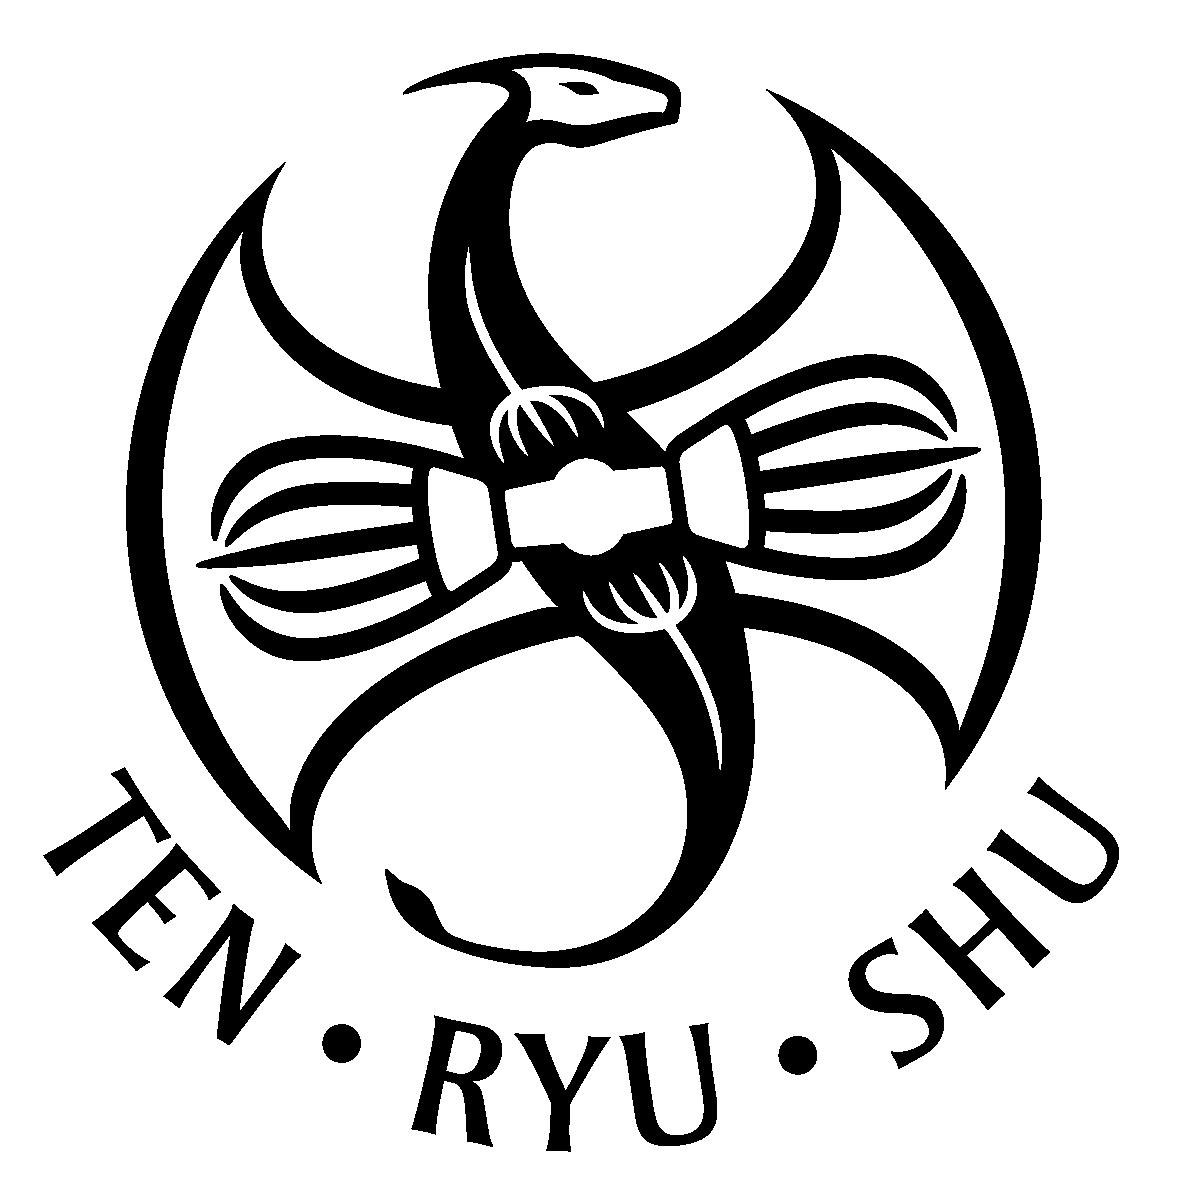 Marchio Ten Ryu Shu-01-01